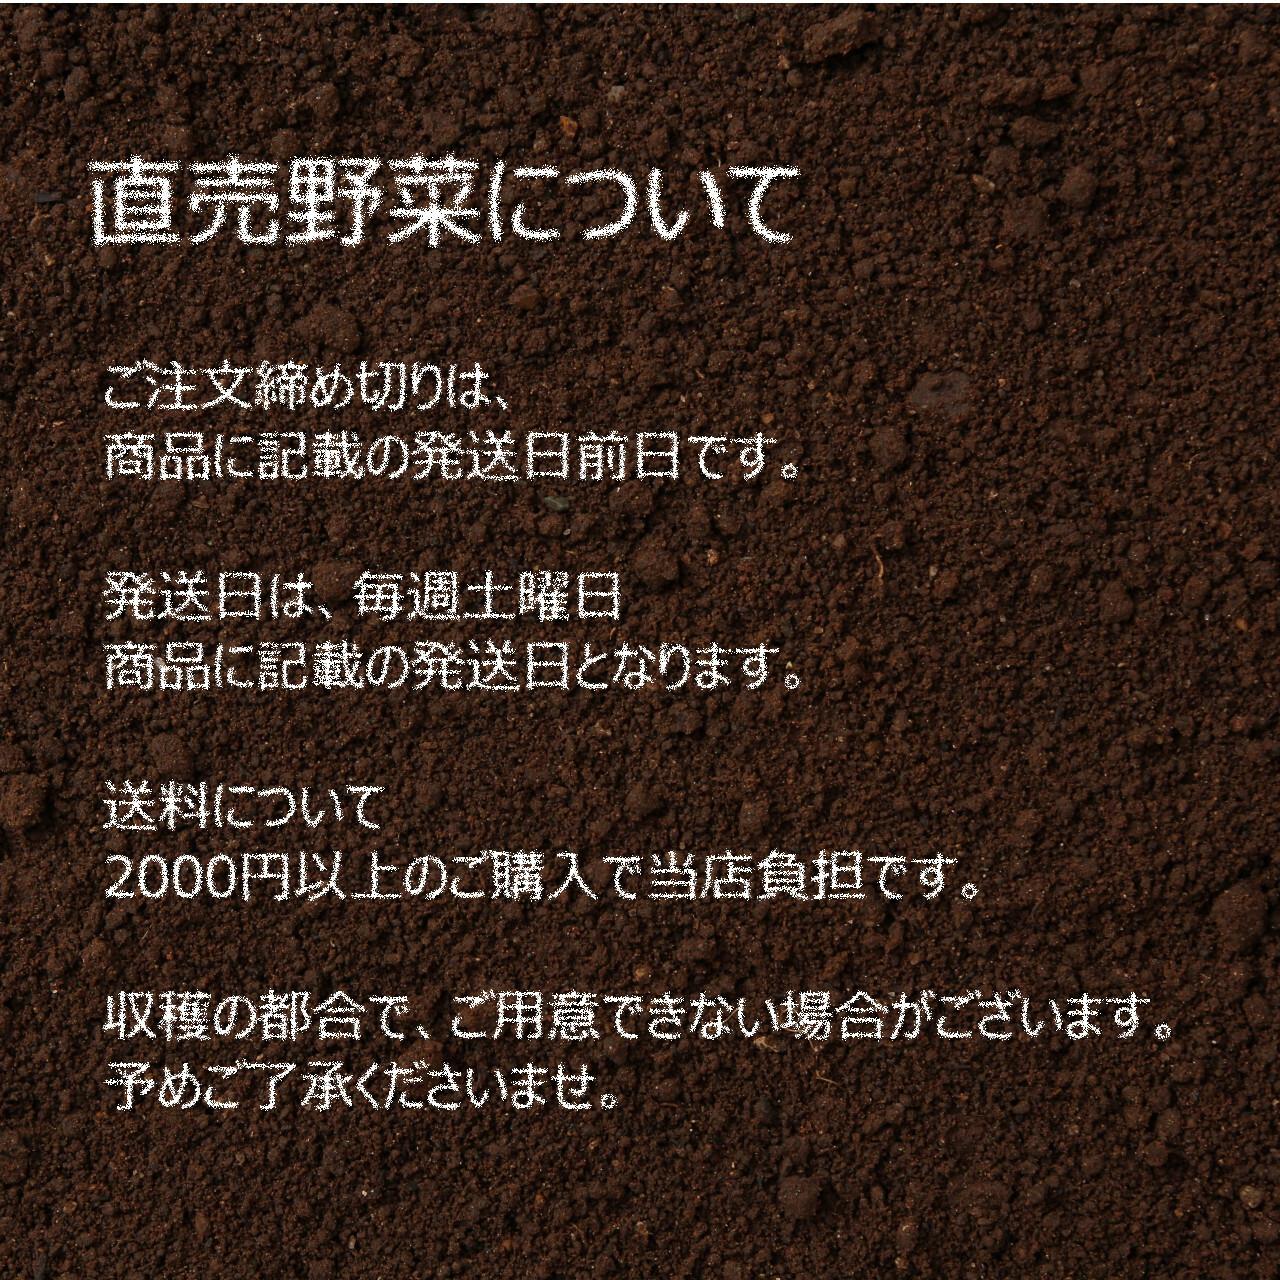 春の新鮮野菜 サニーレタス 約300g: 5月の朝採り直売野菜 5月29日発送予定